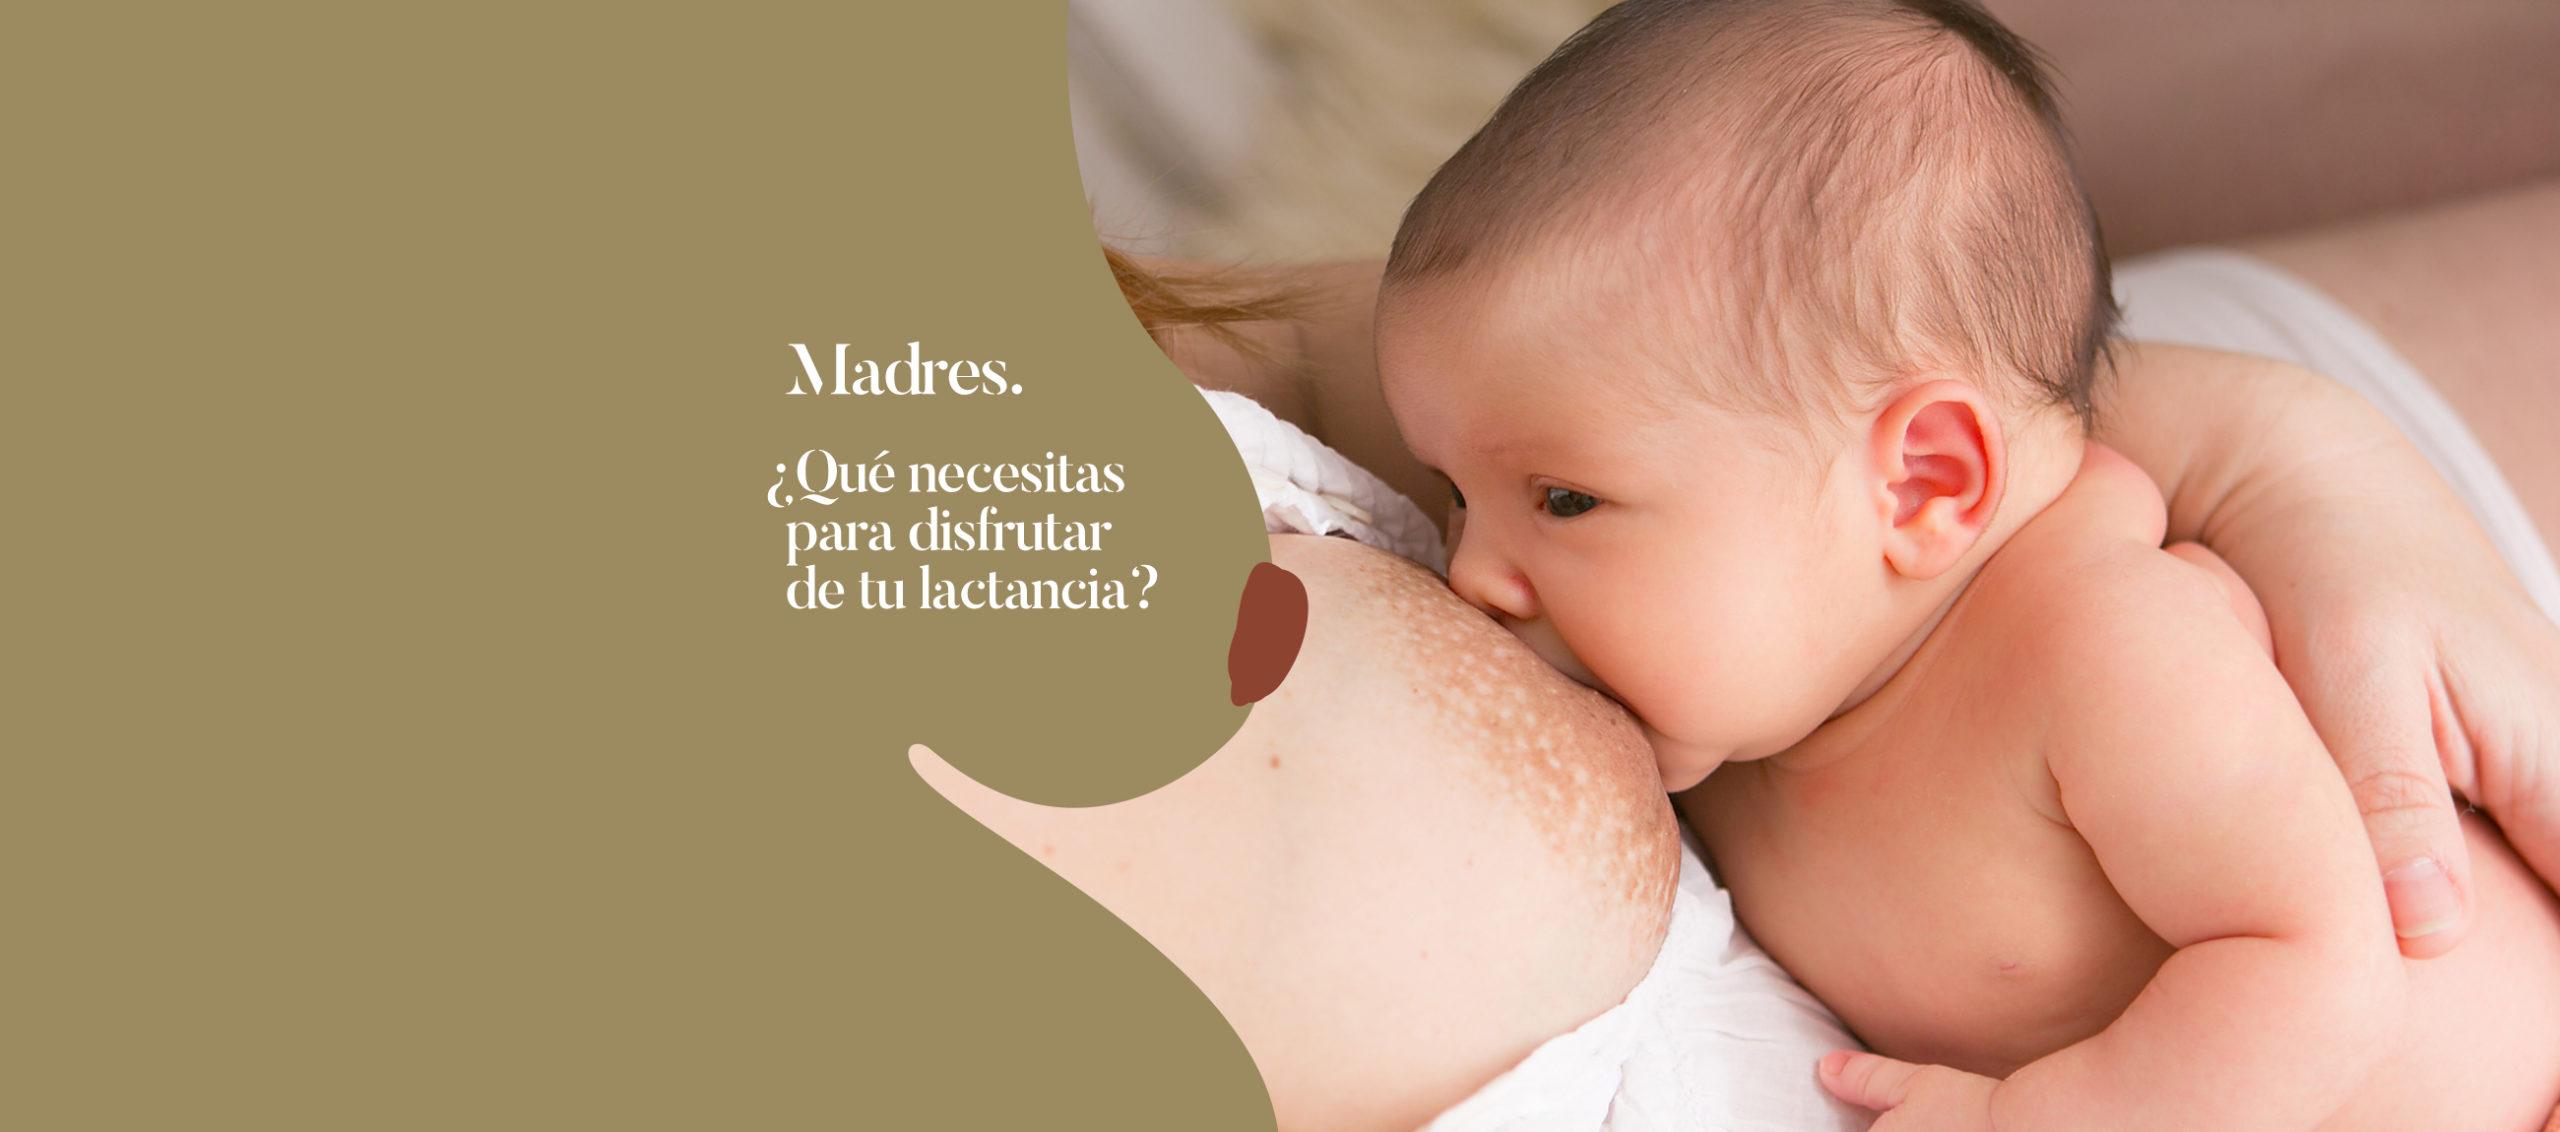 Les Müms es una empresa dedicada a la mujer y su maternidad, al bebé y su alimentación durante los 2 primeros años de vida, asesorando en lactancia materna.